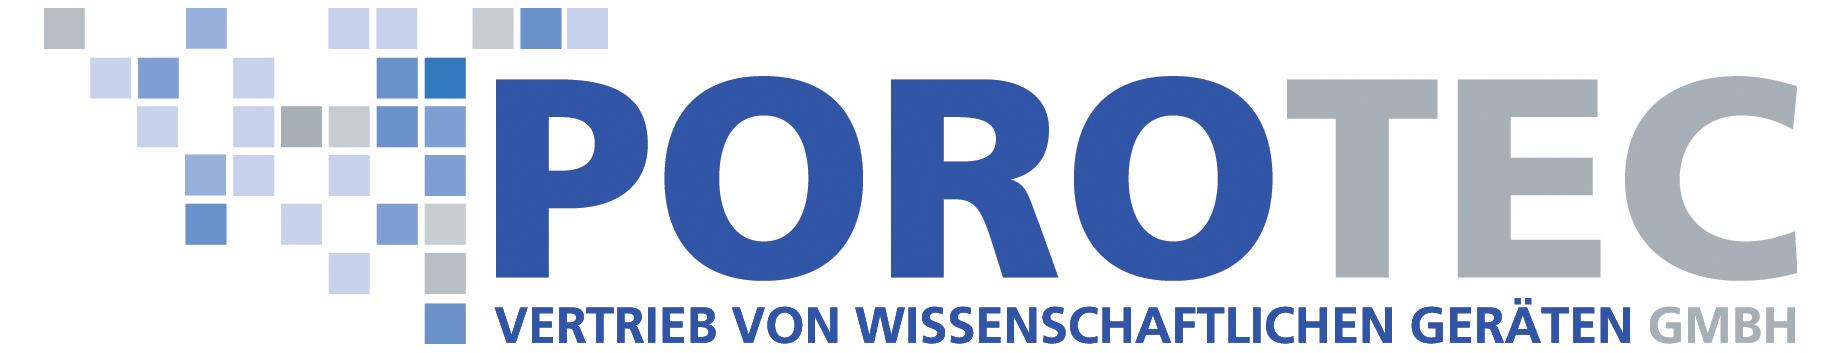 porotec_logo.jpg